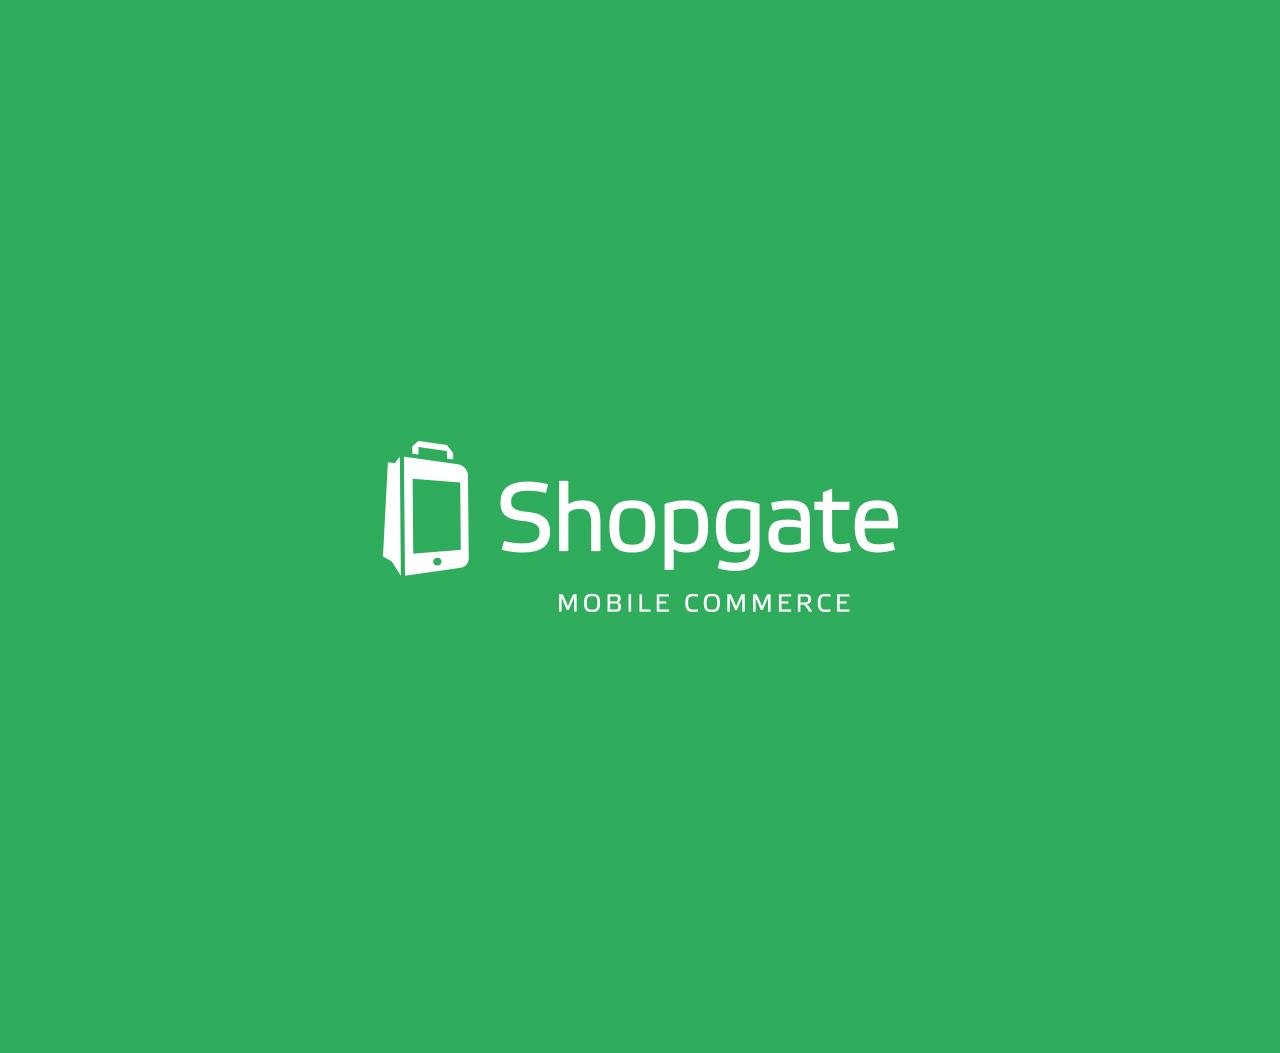 shopgate-screen-1